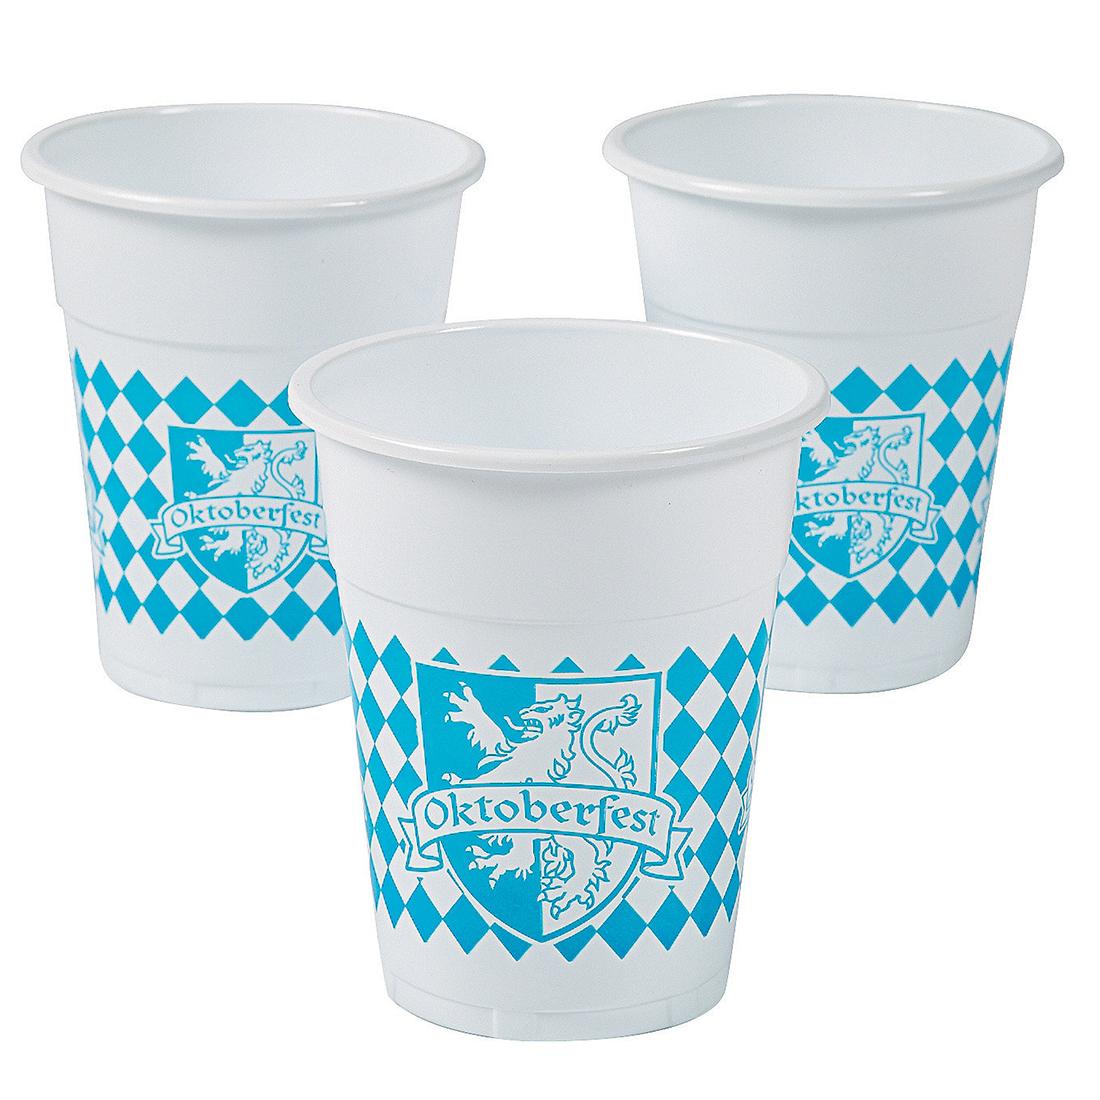 Oktoberfest 16 oz. Plastic Cups 386-1025